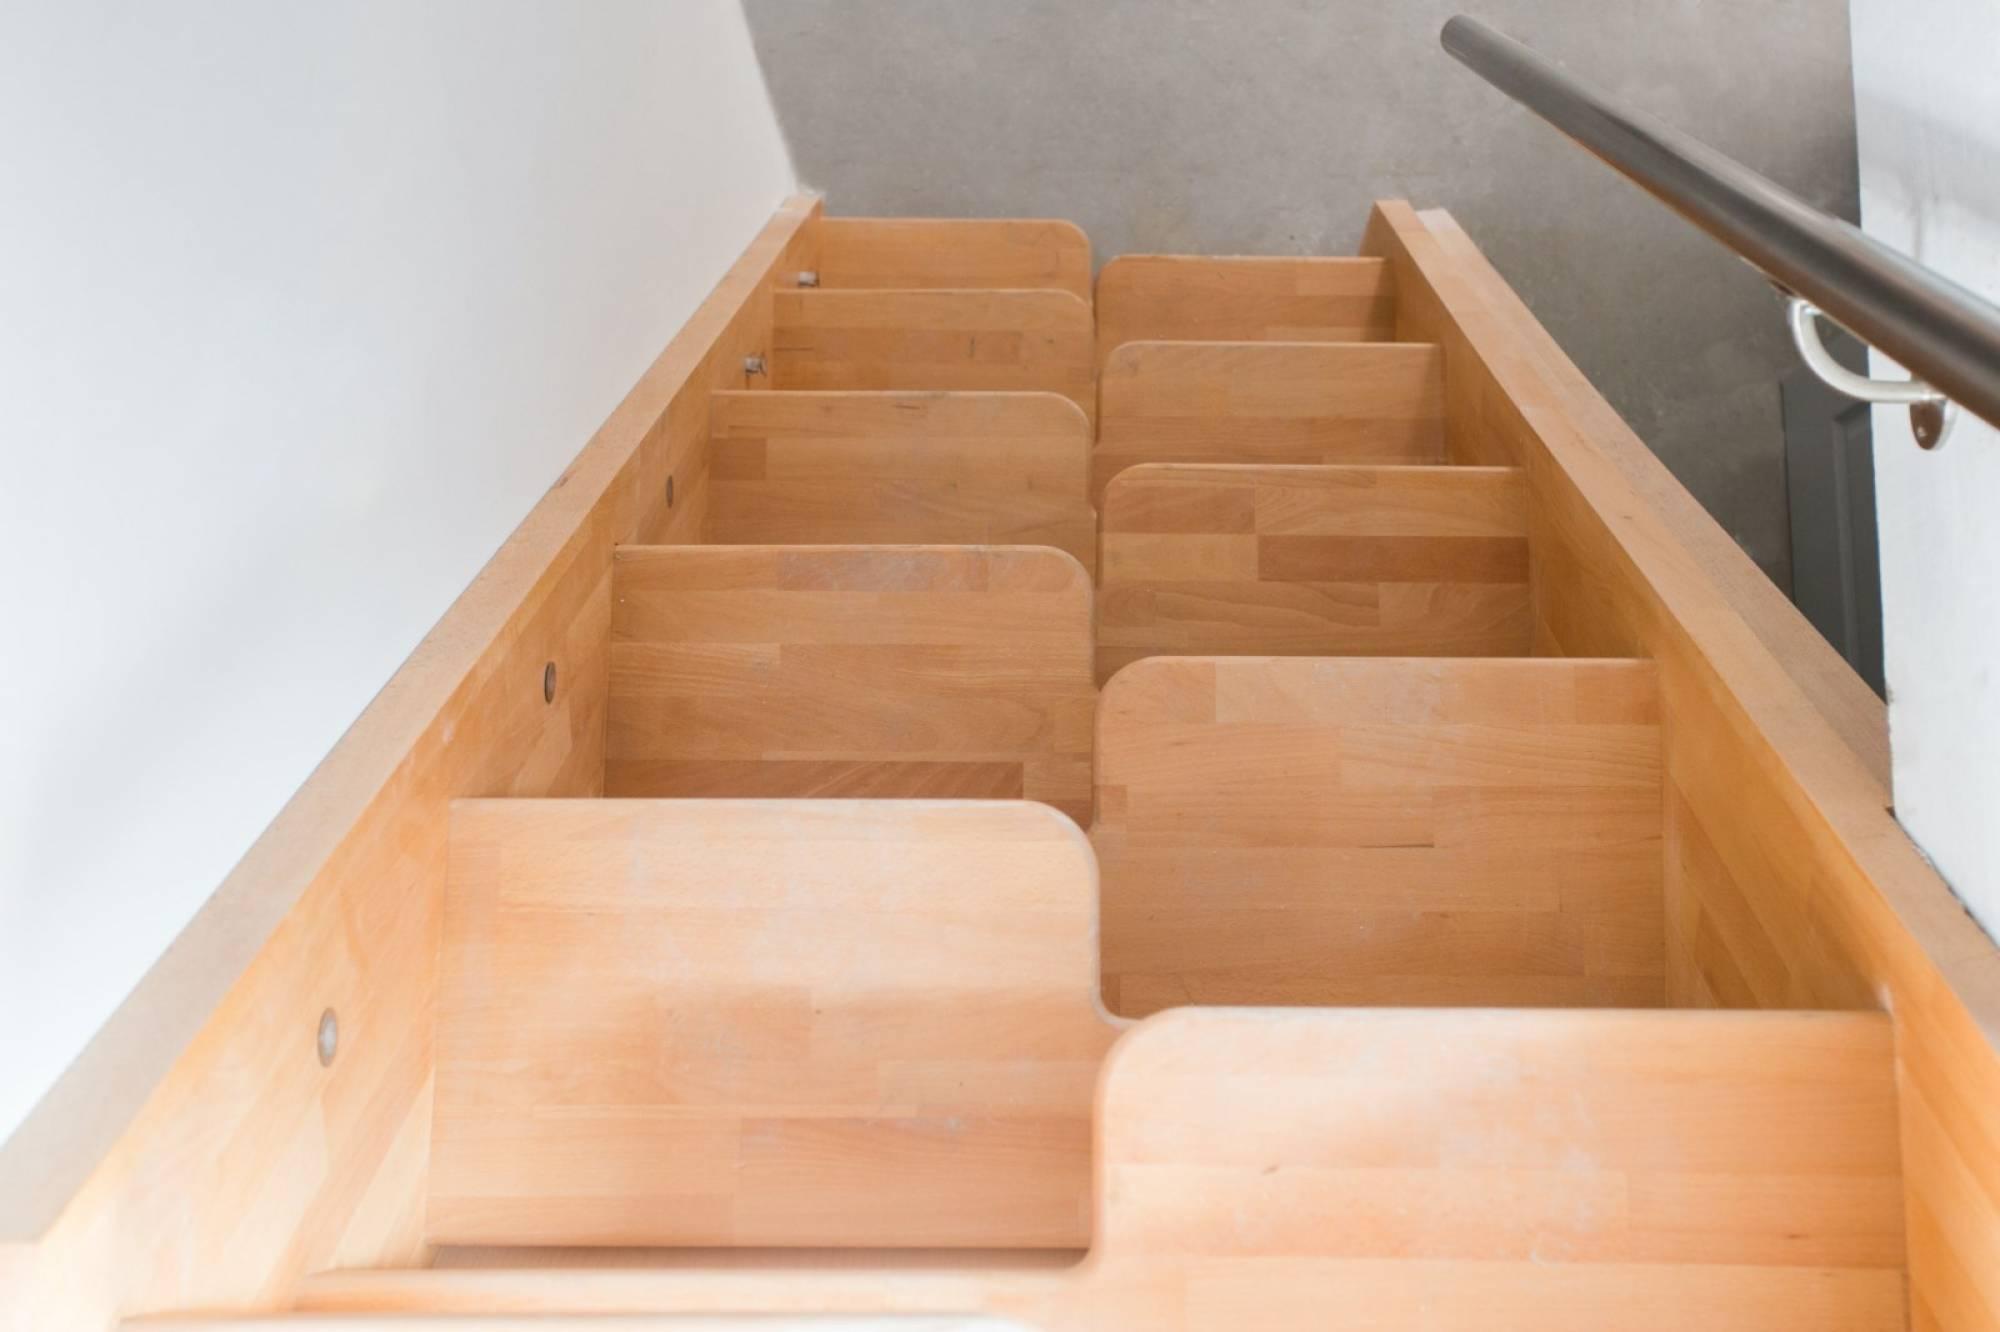 Escalier Gain De Place Pas D Call S Vente D 39 Escalier En Kit Sur Mesure Bordeaux Cote